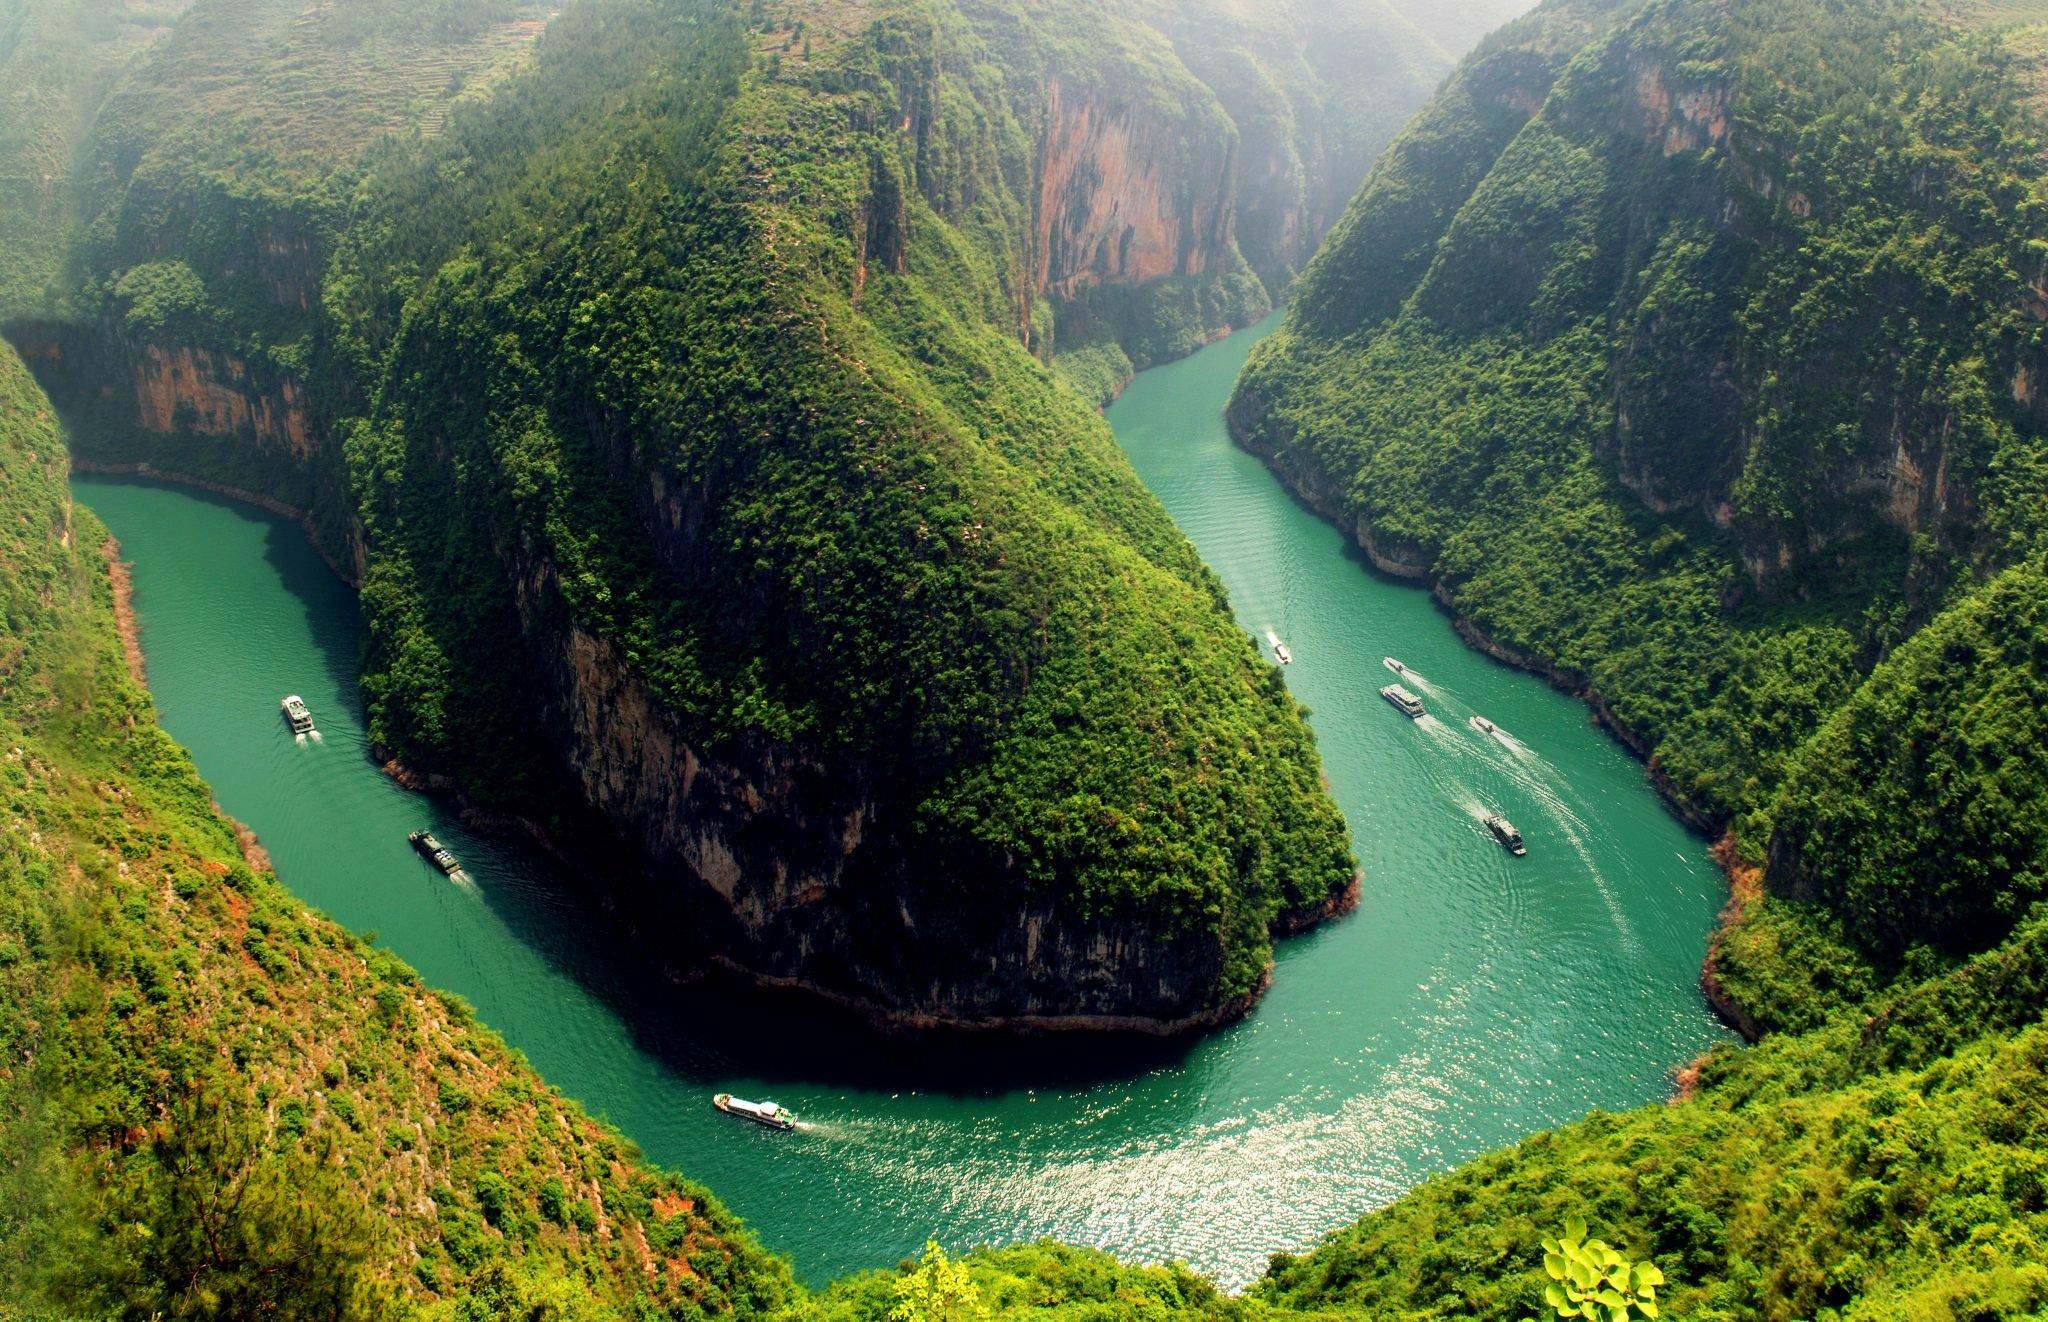 красивые природные места мира фото керамическая плитка